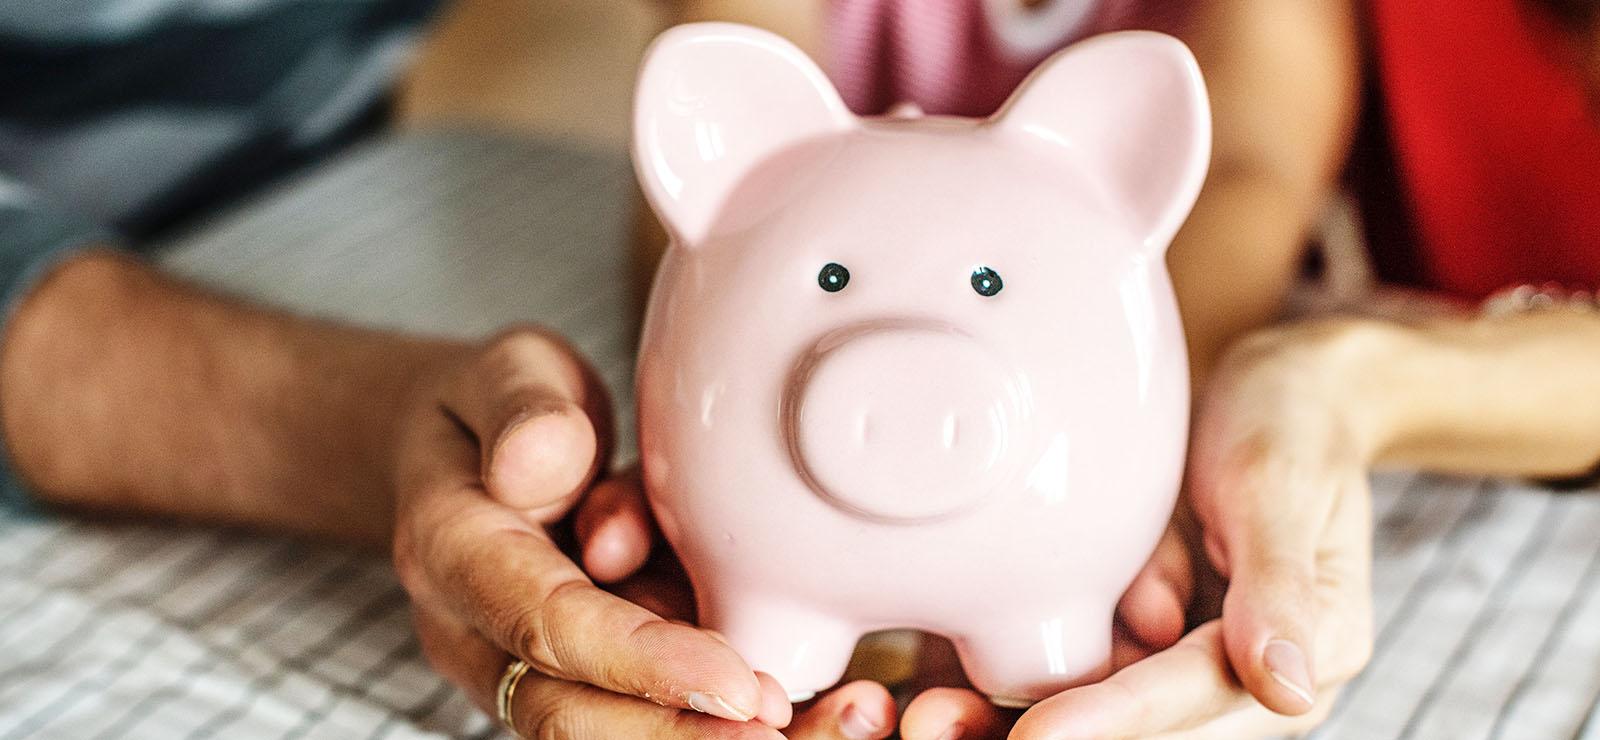 付帯工事費と諸費用はいくらかかるのか?